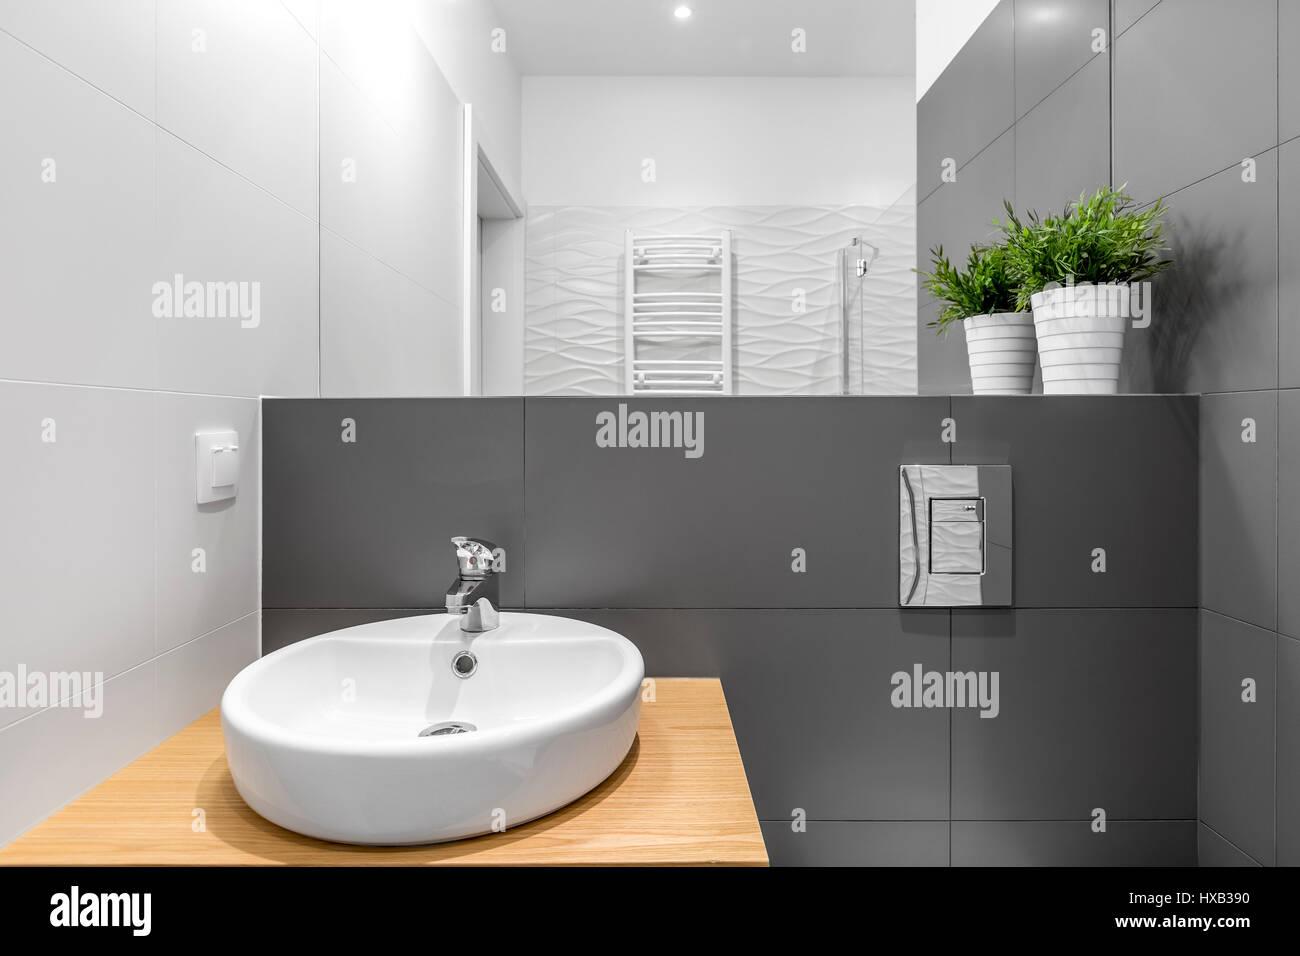 Bagno moderno interno con circolare bianca con lavabo e grande